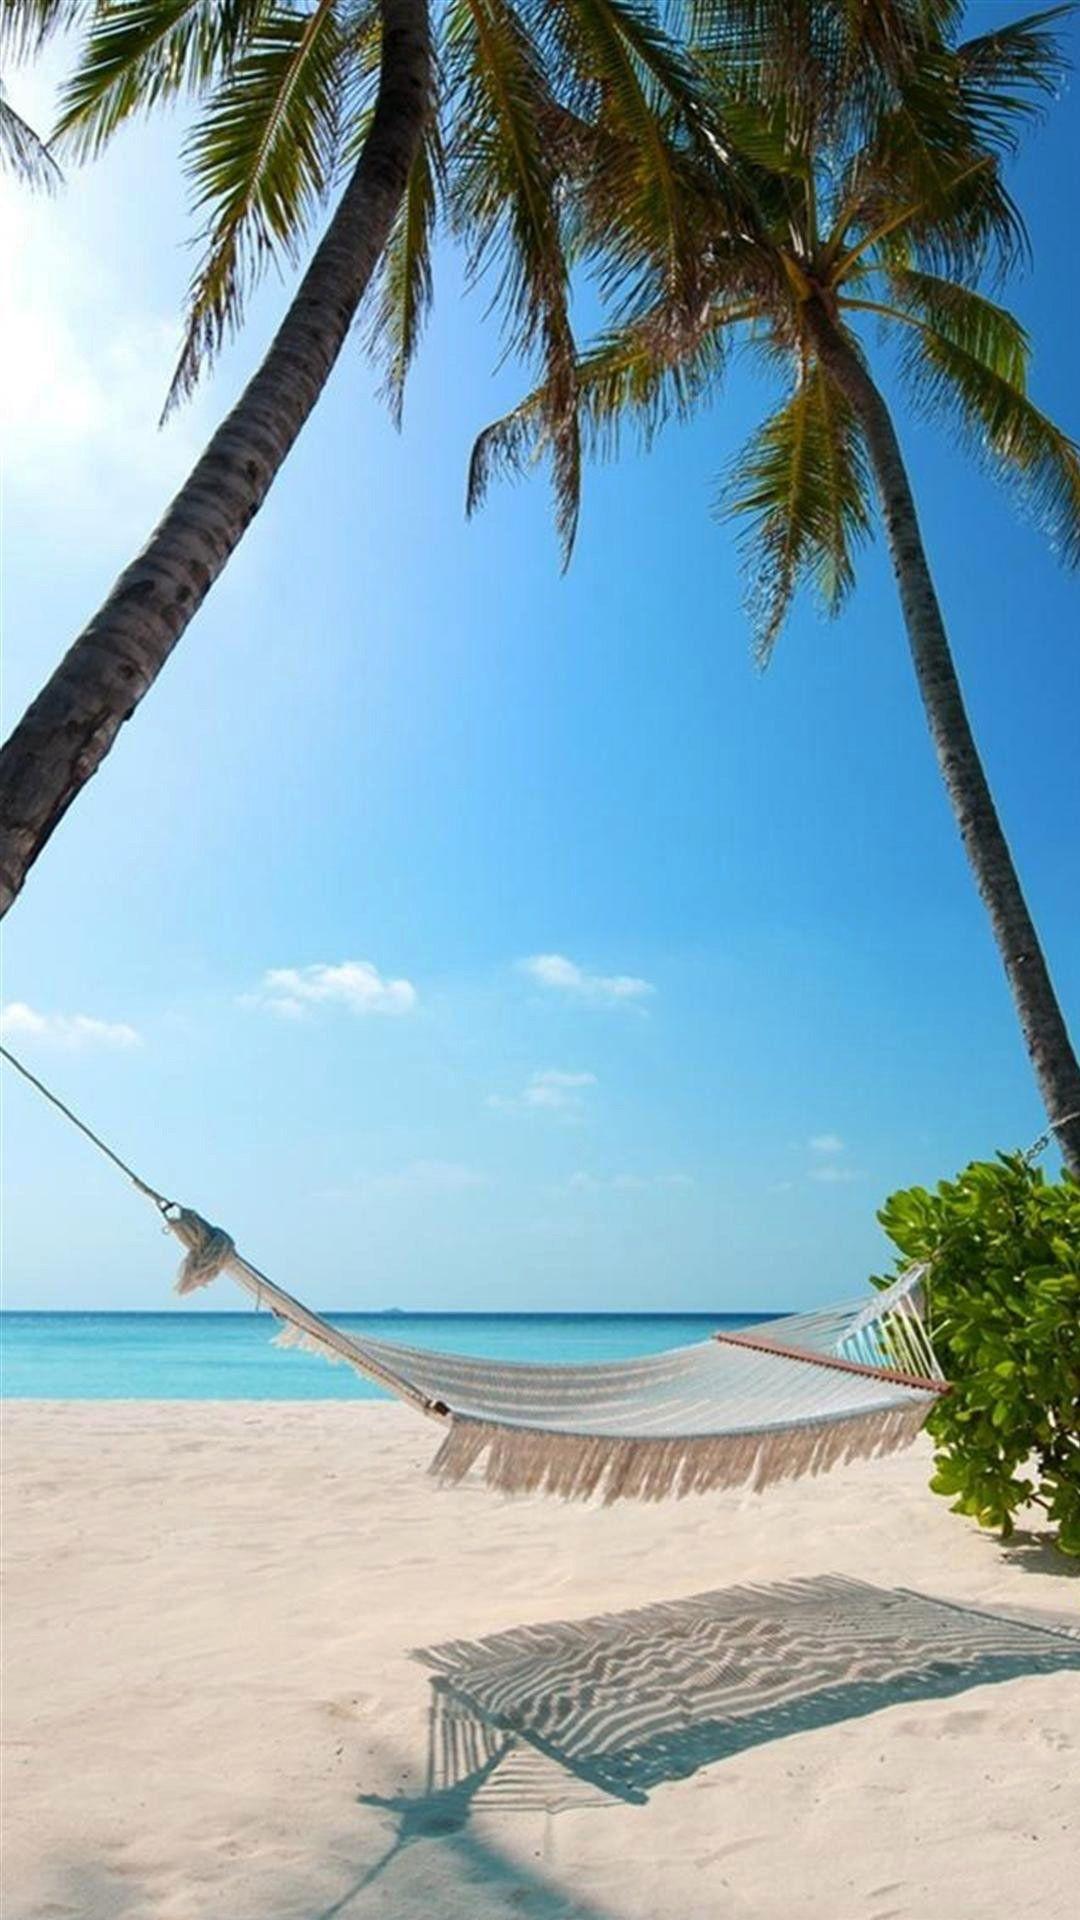 Hammock Samsung Galaxy S5 Wallpapers Iphone Summer Pinterest Caribbean Beach